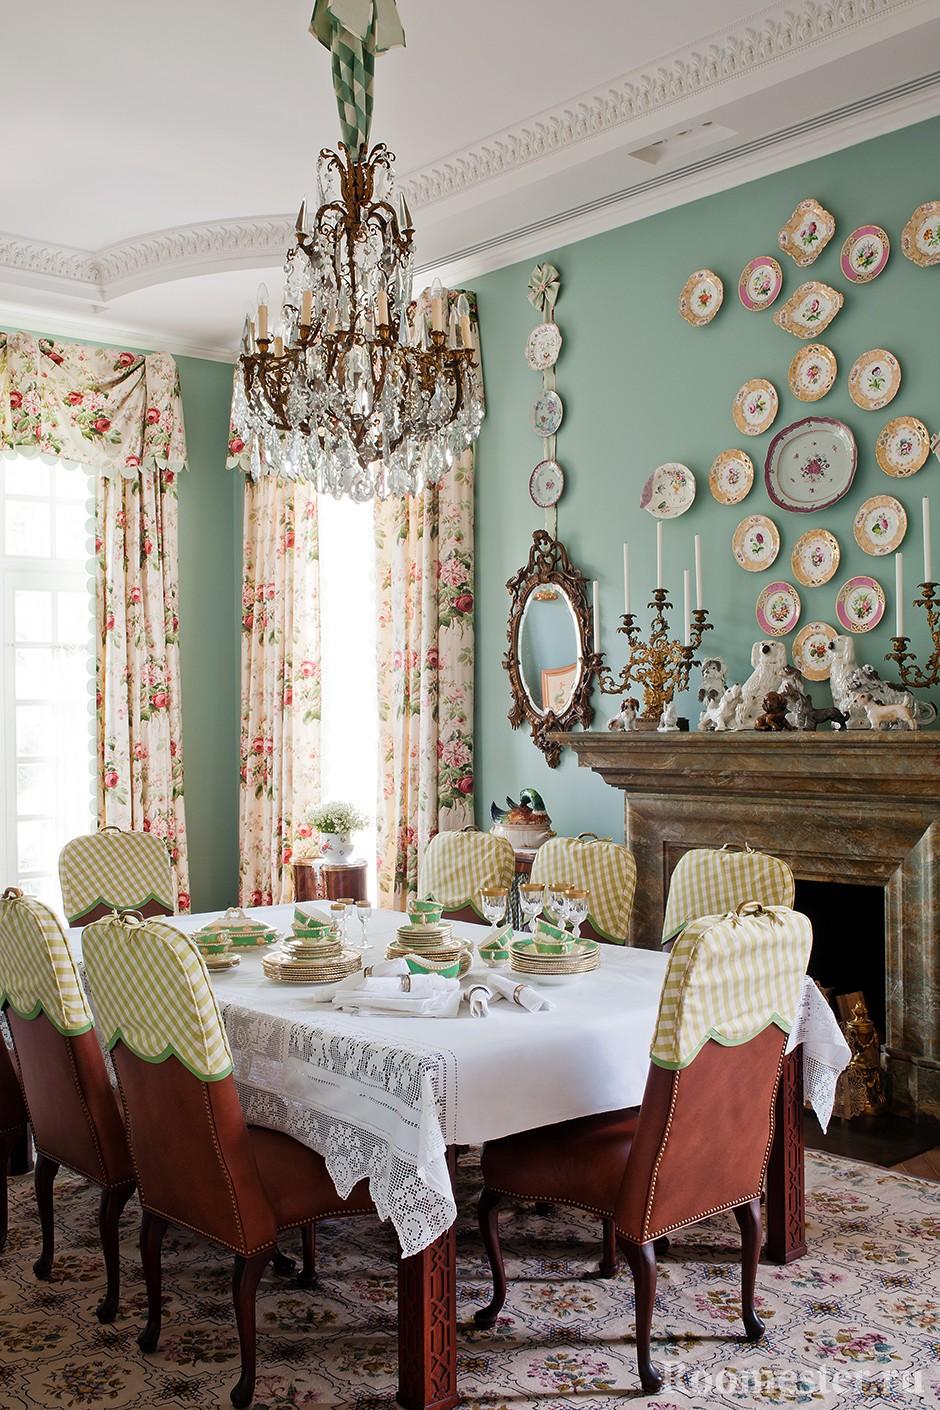 Украшение стены столовой тарелочками